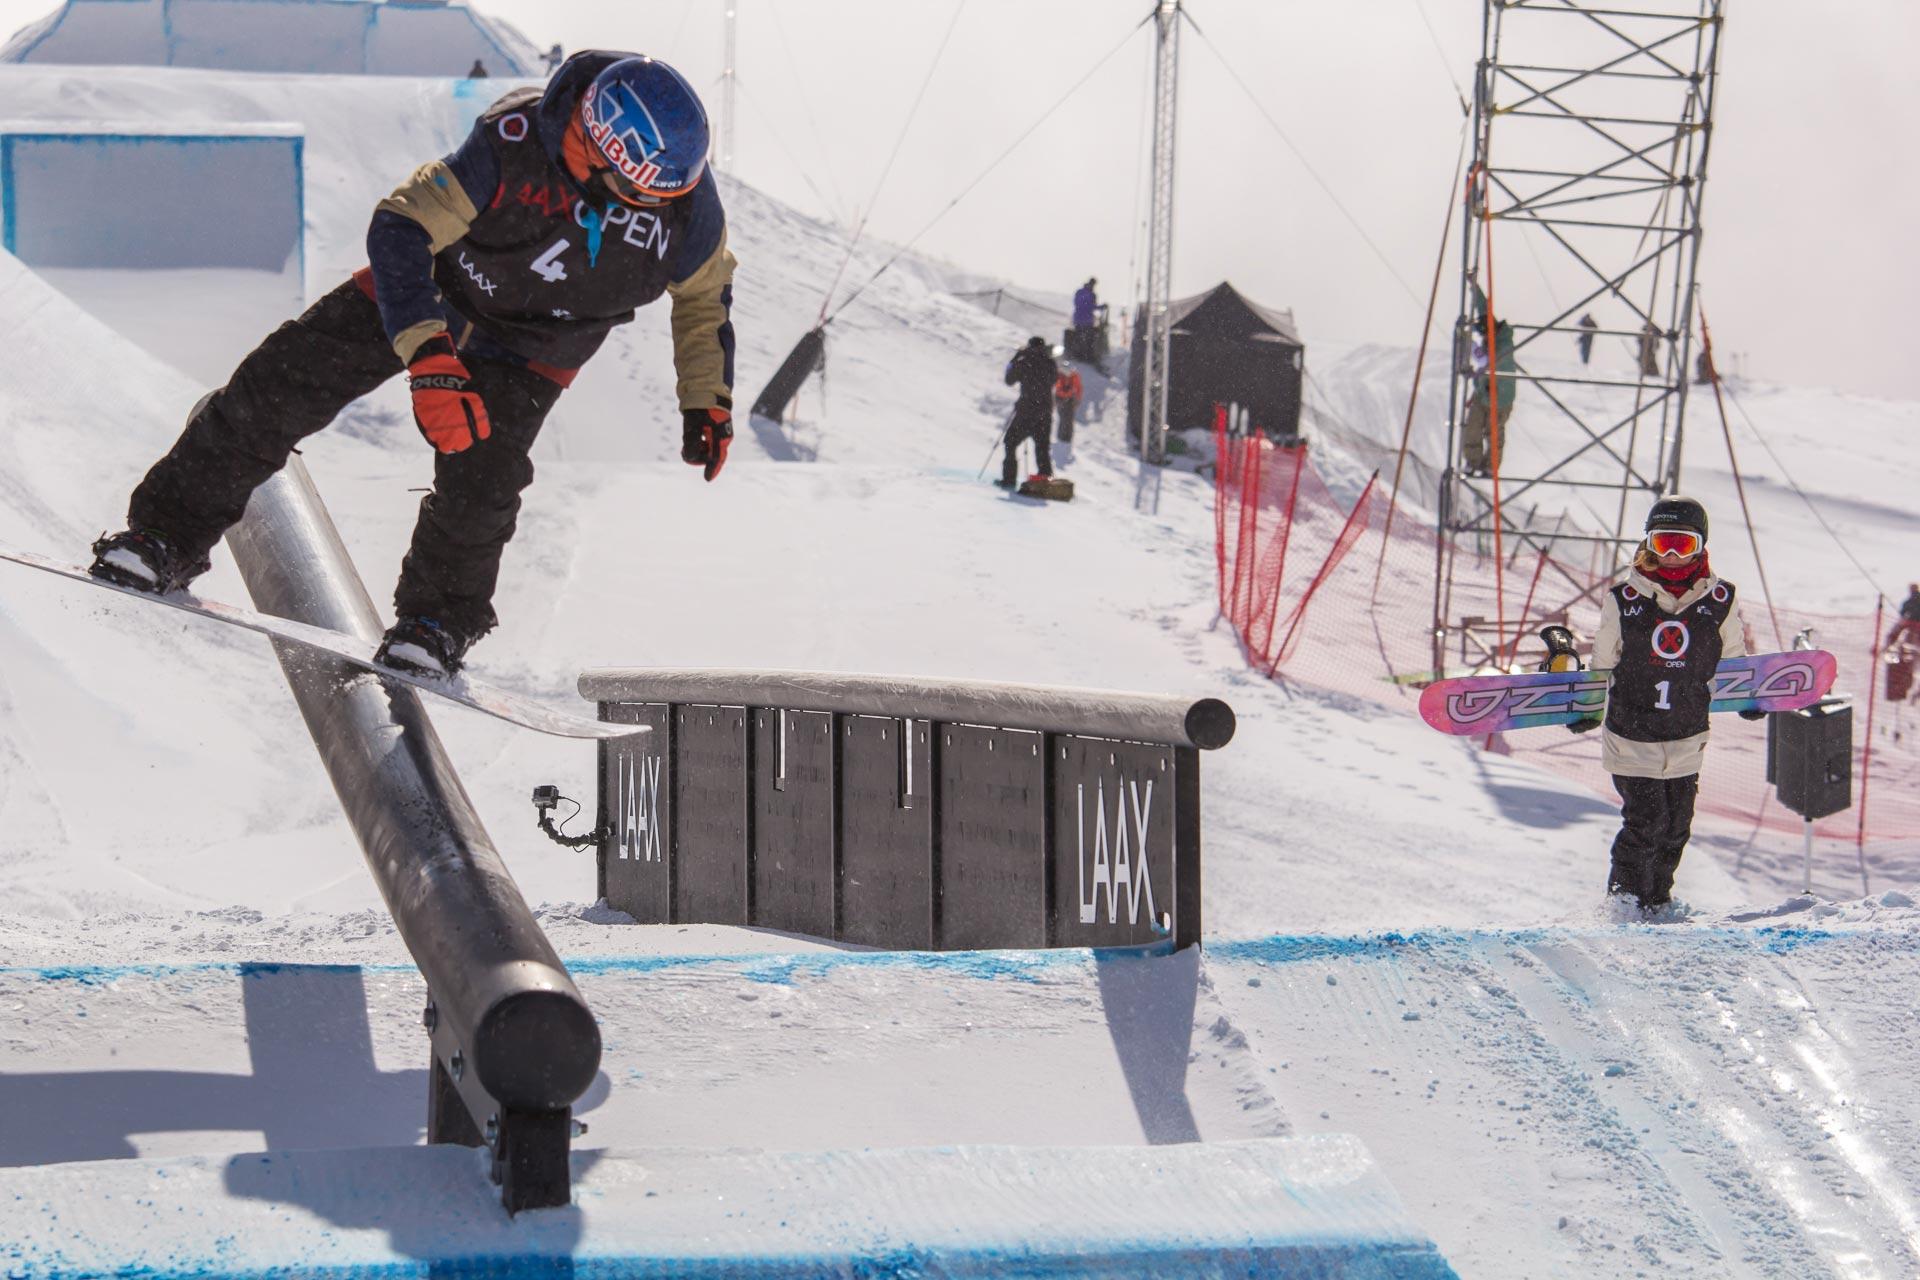 Sebastien Toutant: Blunt to Boardslide Transfer